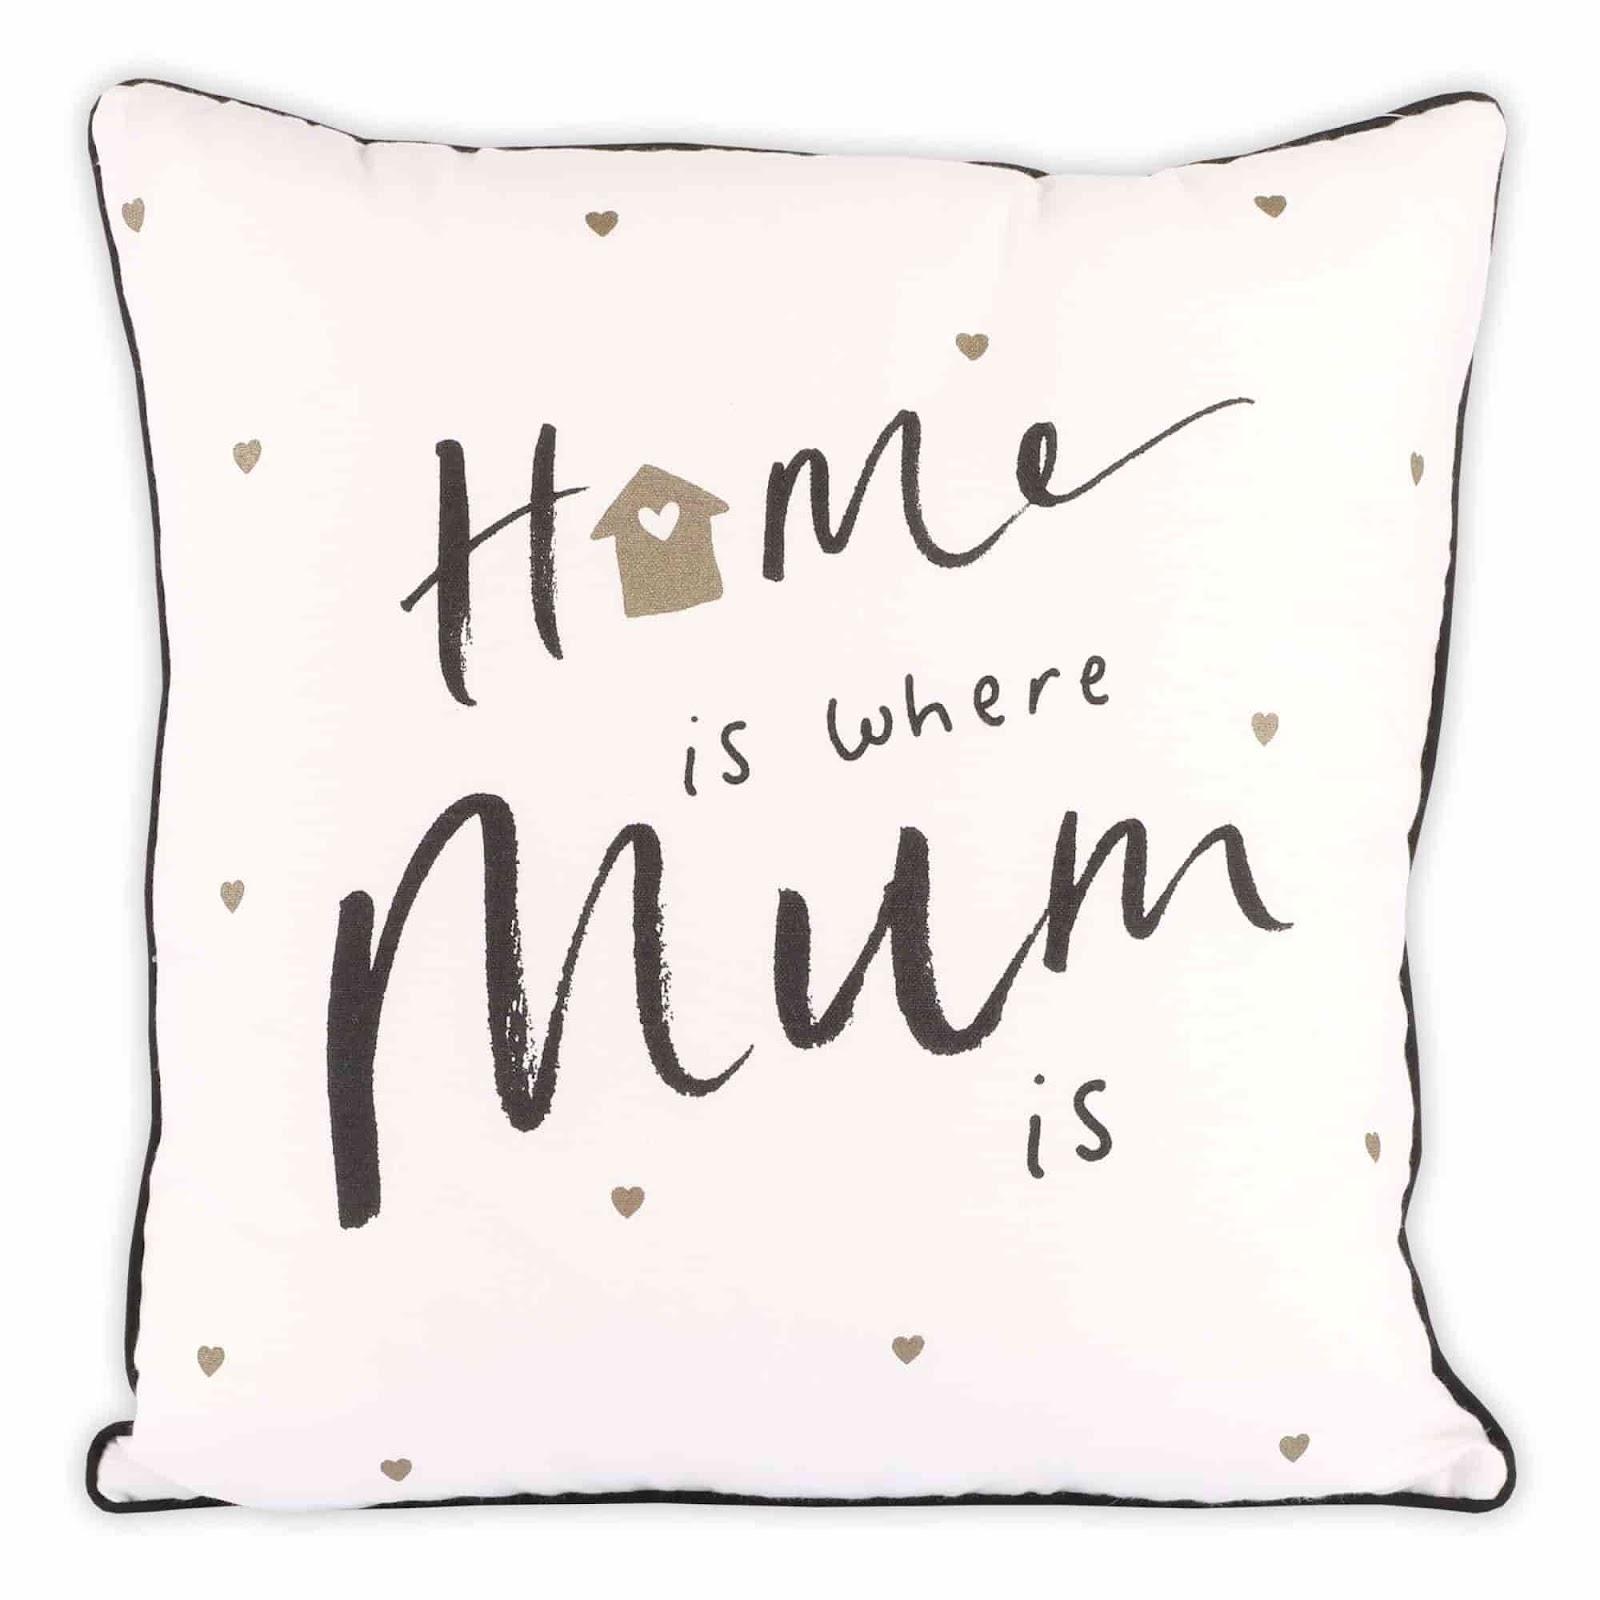 Dorm Room Decor Ideas; Clintons' home is where mum is cushion